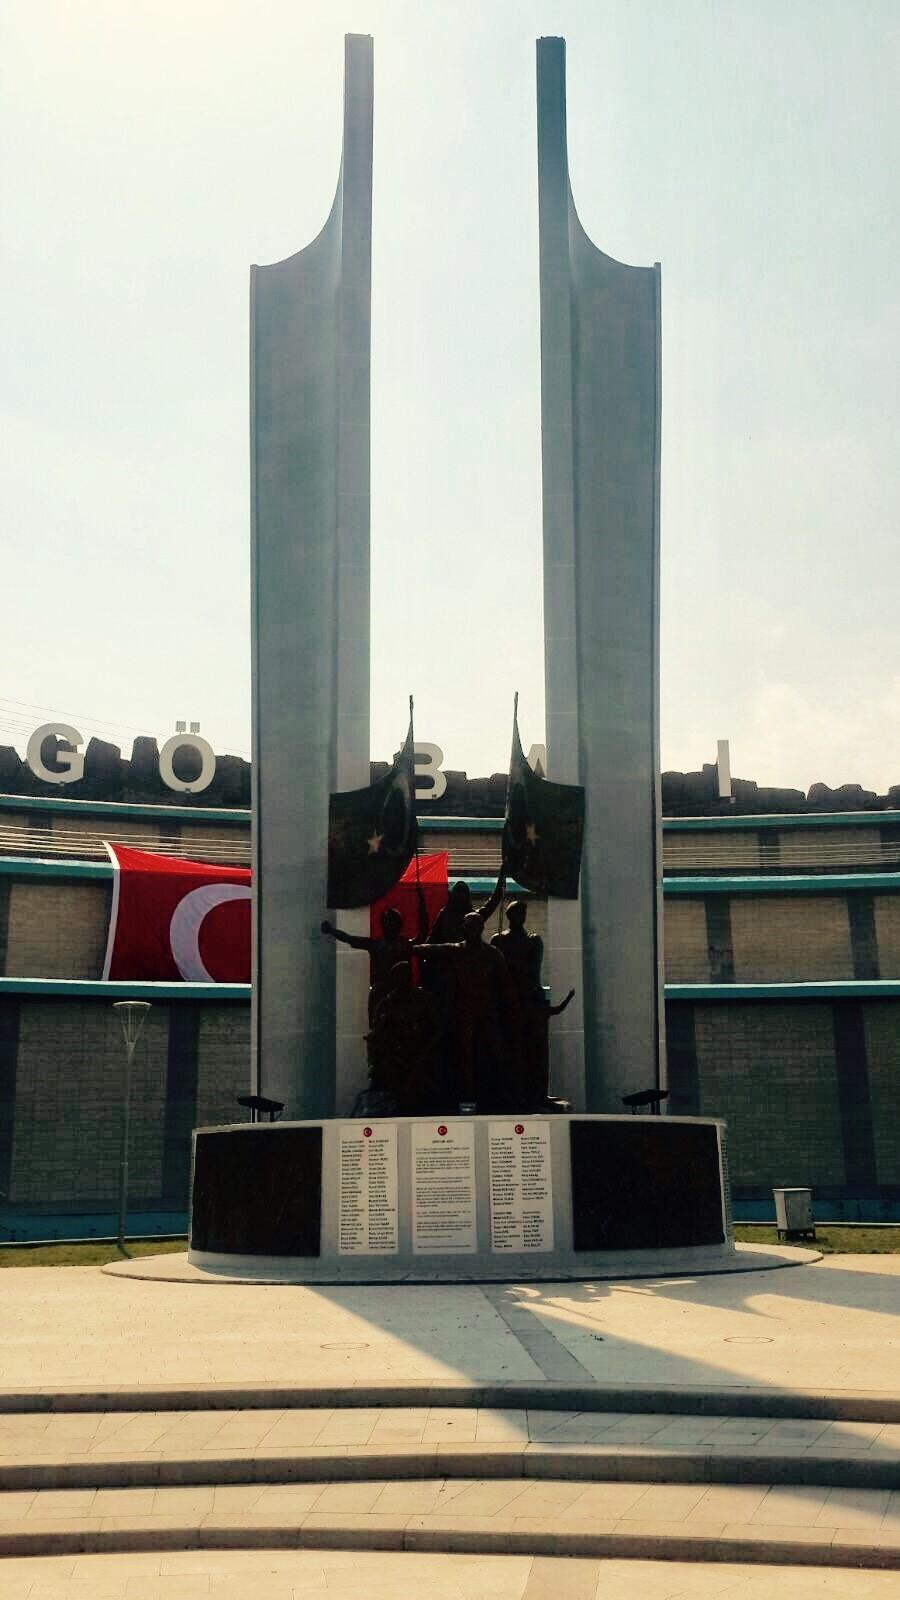 Gölbaşı 15 Temmuz Anıtı